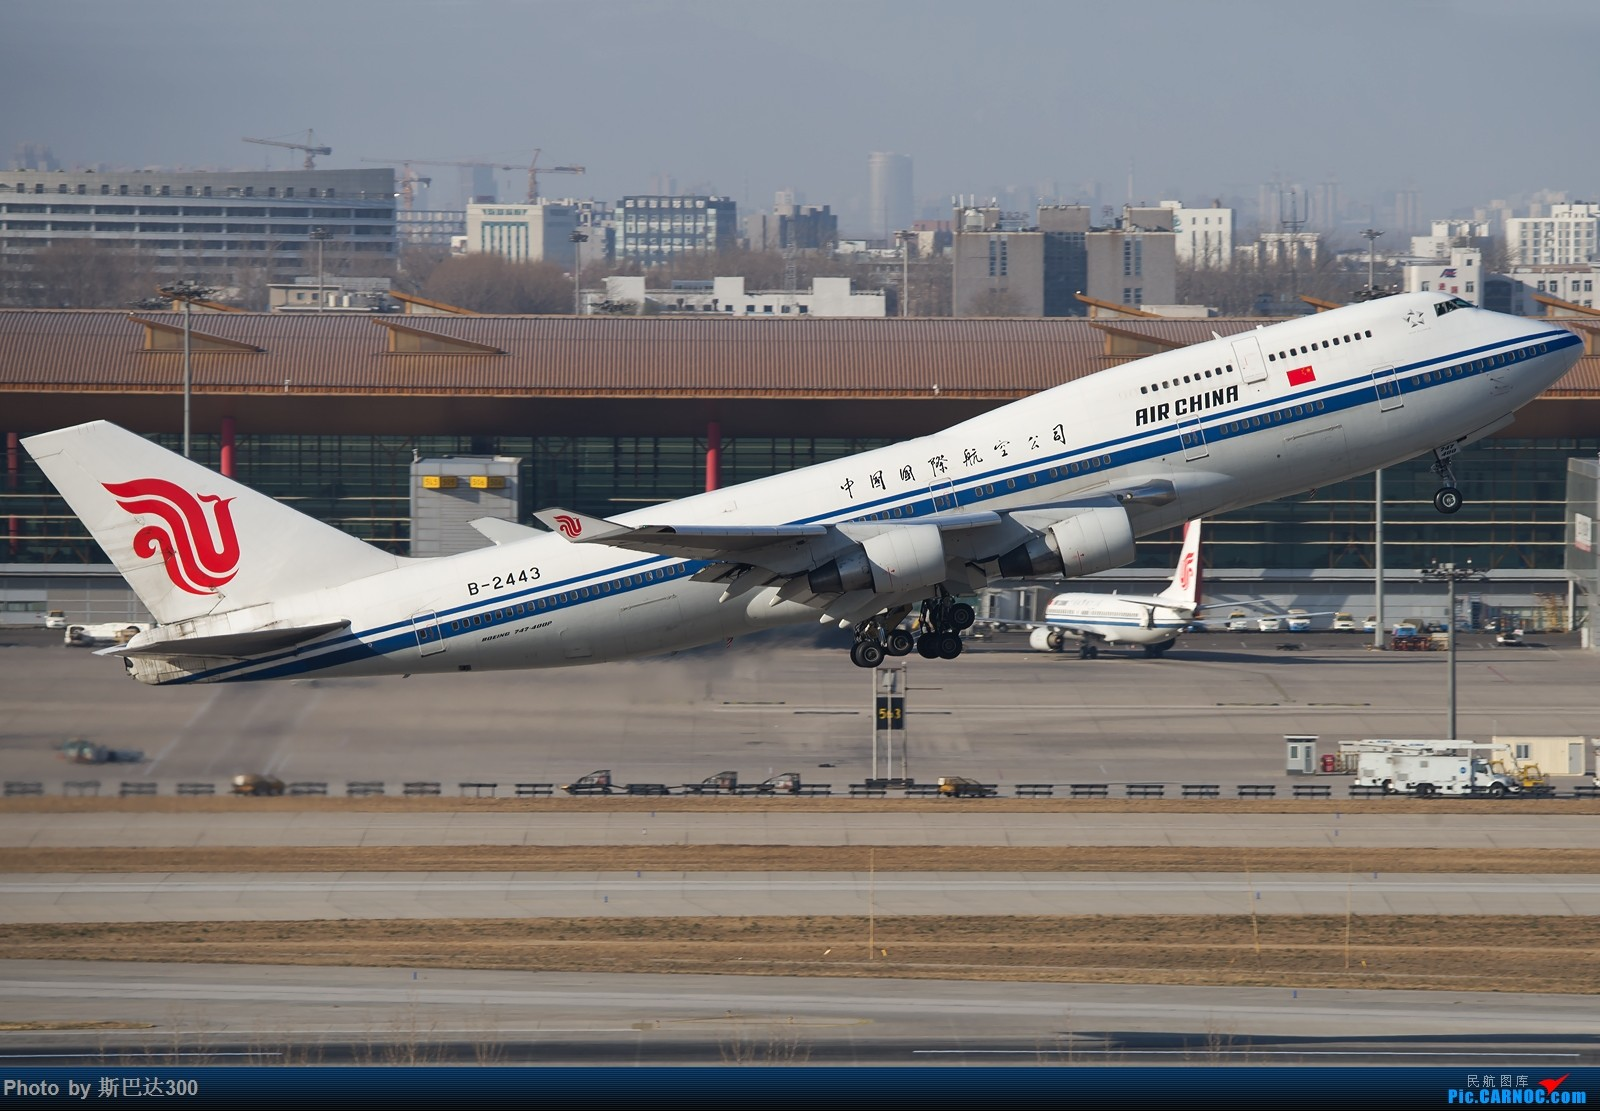 Re:[原创]1600 杂图一组 BOEING 747-400 B-2443 中国北京首都国际机场